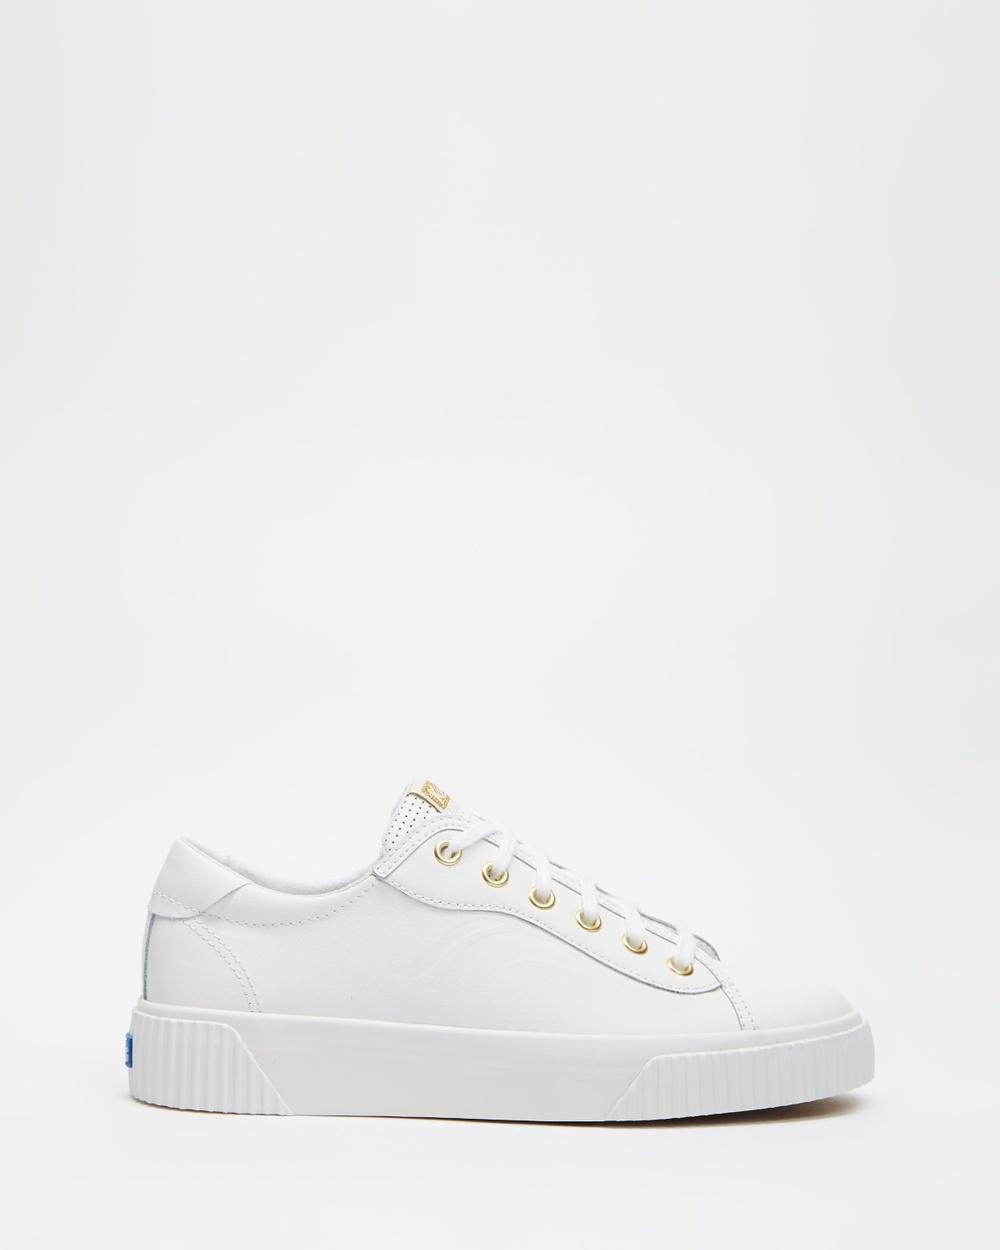 Keds Crew Kick Alto Leather Sneakers Women's White